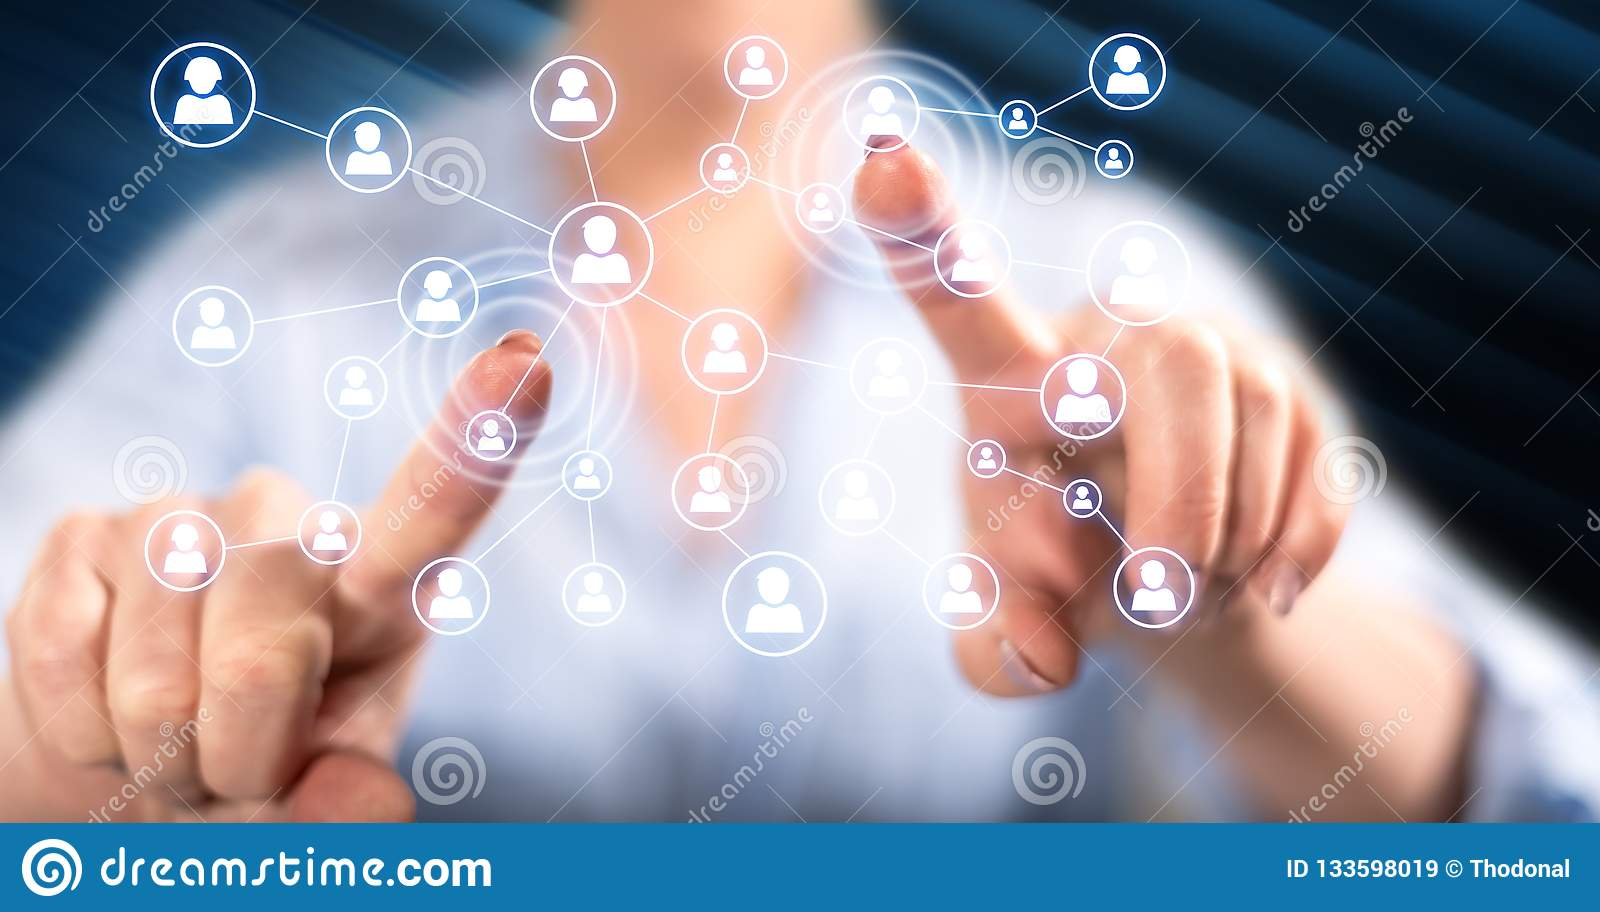 Femme touchant un réseau social de médias